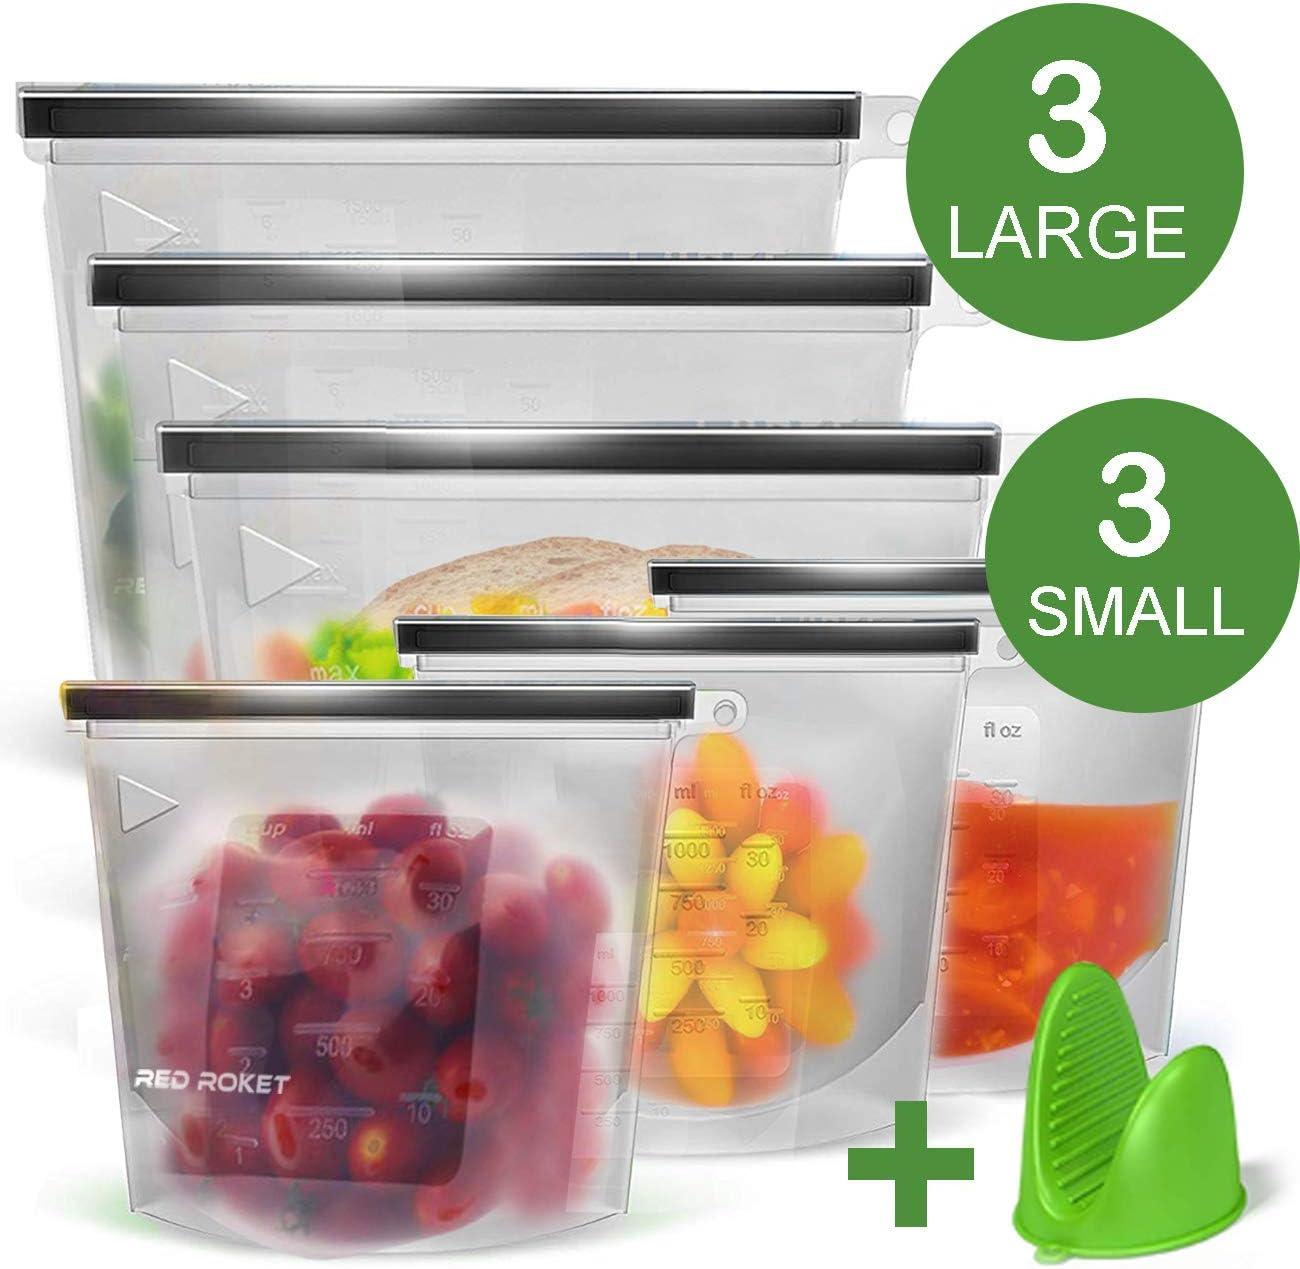 Redrocket Silicone Food Storage Bag - Leakproof, Freezer, Microwave, dishwasher safe for Sandwich, vegetable, Fruit, Meat, Lunch ,Snack, 6 Pack